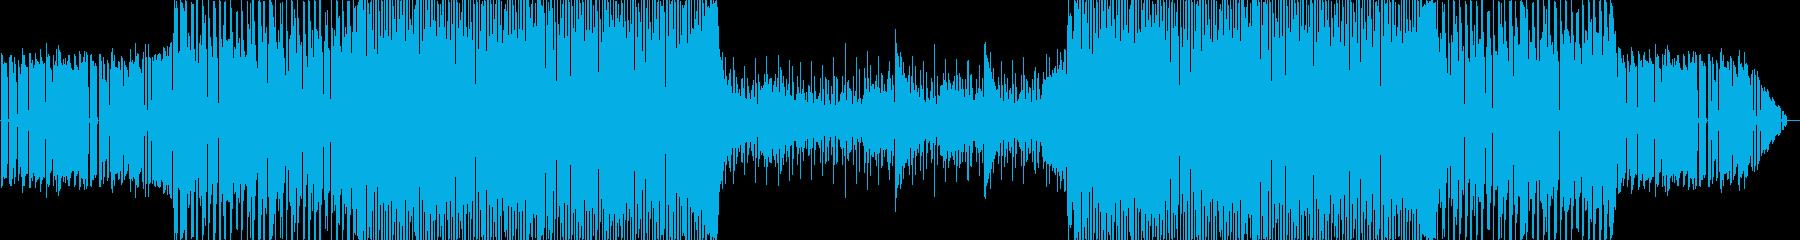 力強くスタイリッシュなフューチャーベースの再生済みの波形